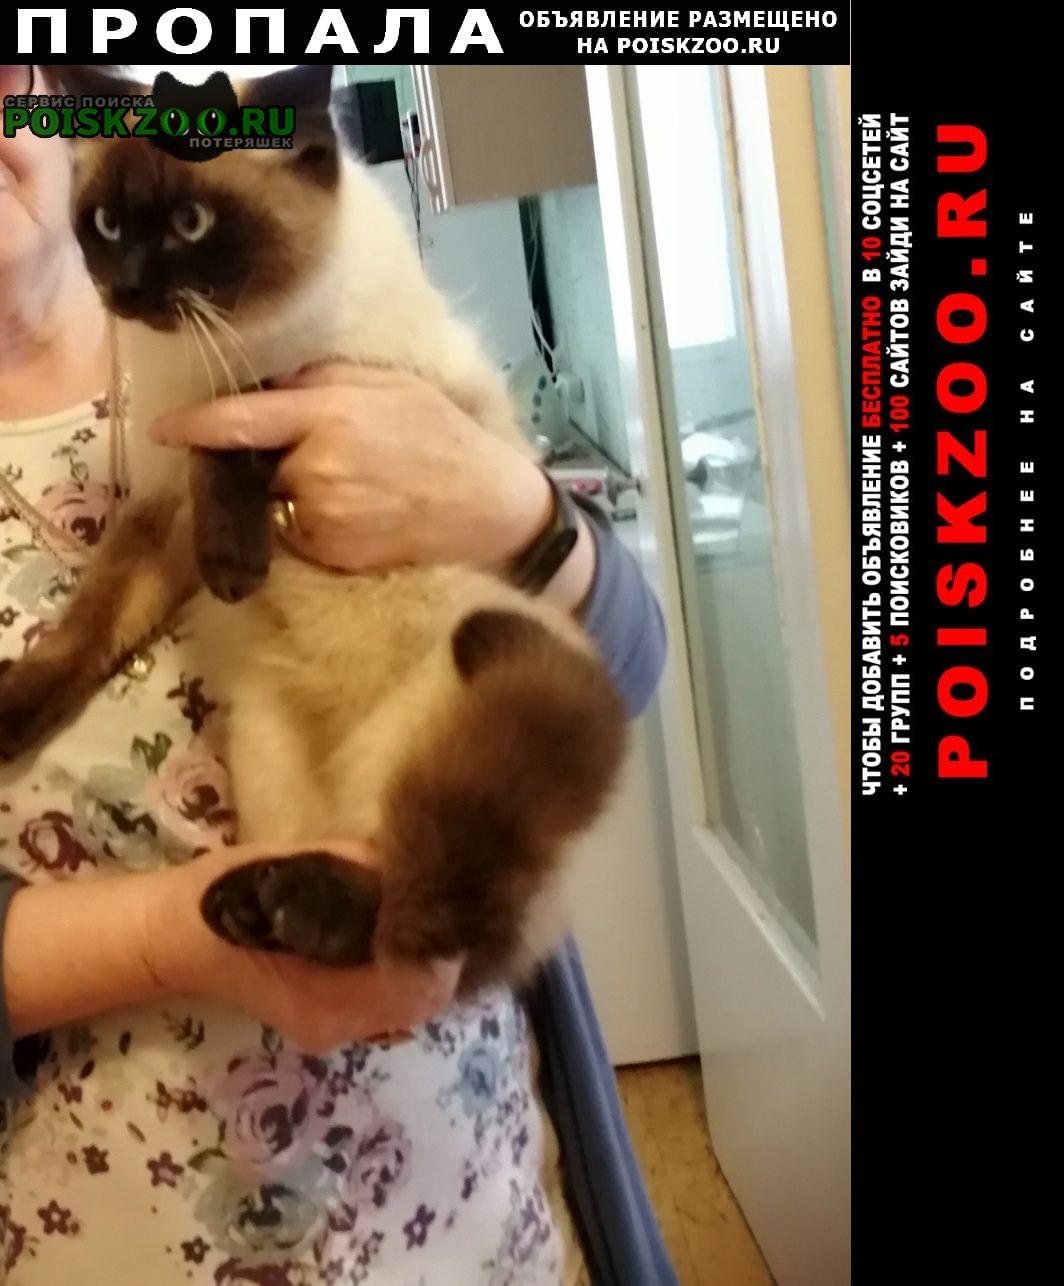 Пропал кот любимец, член семьи. Севастополь